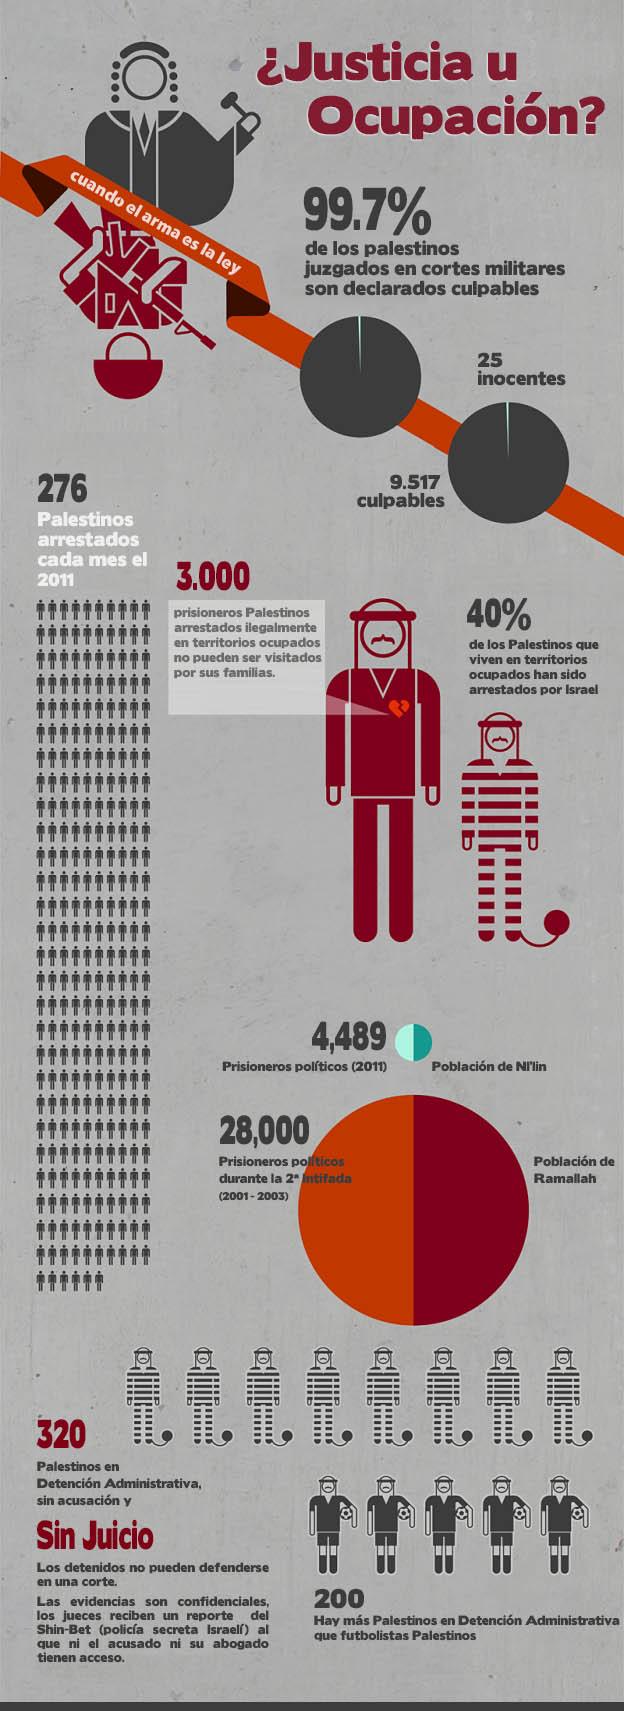 Infografía: justicia militar Israelí para los Palestinos detenidos en territorios ocupados.